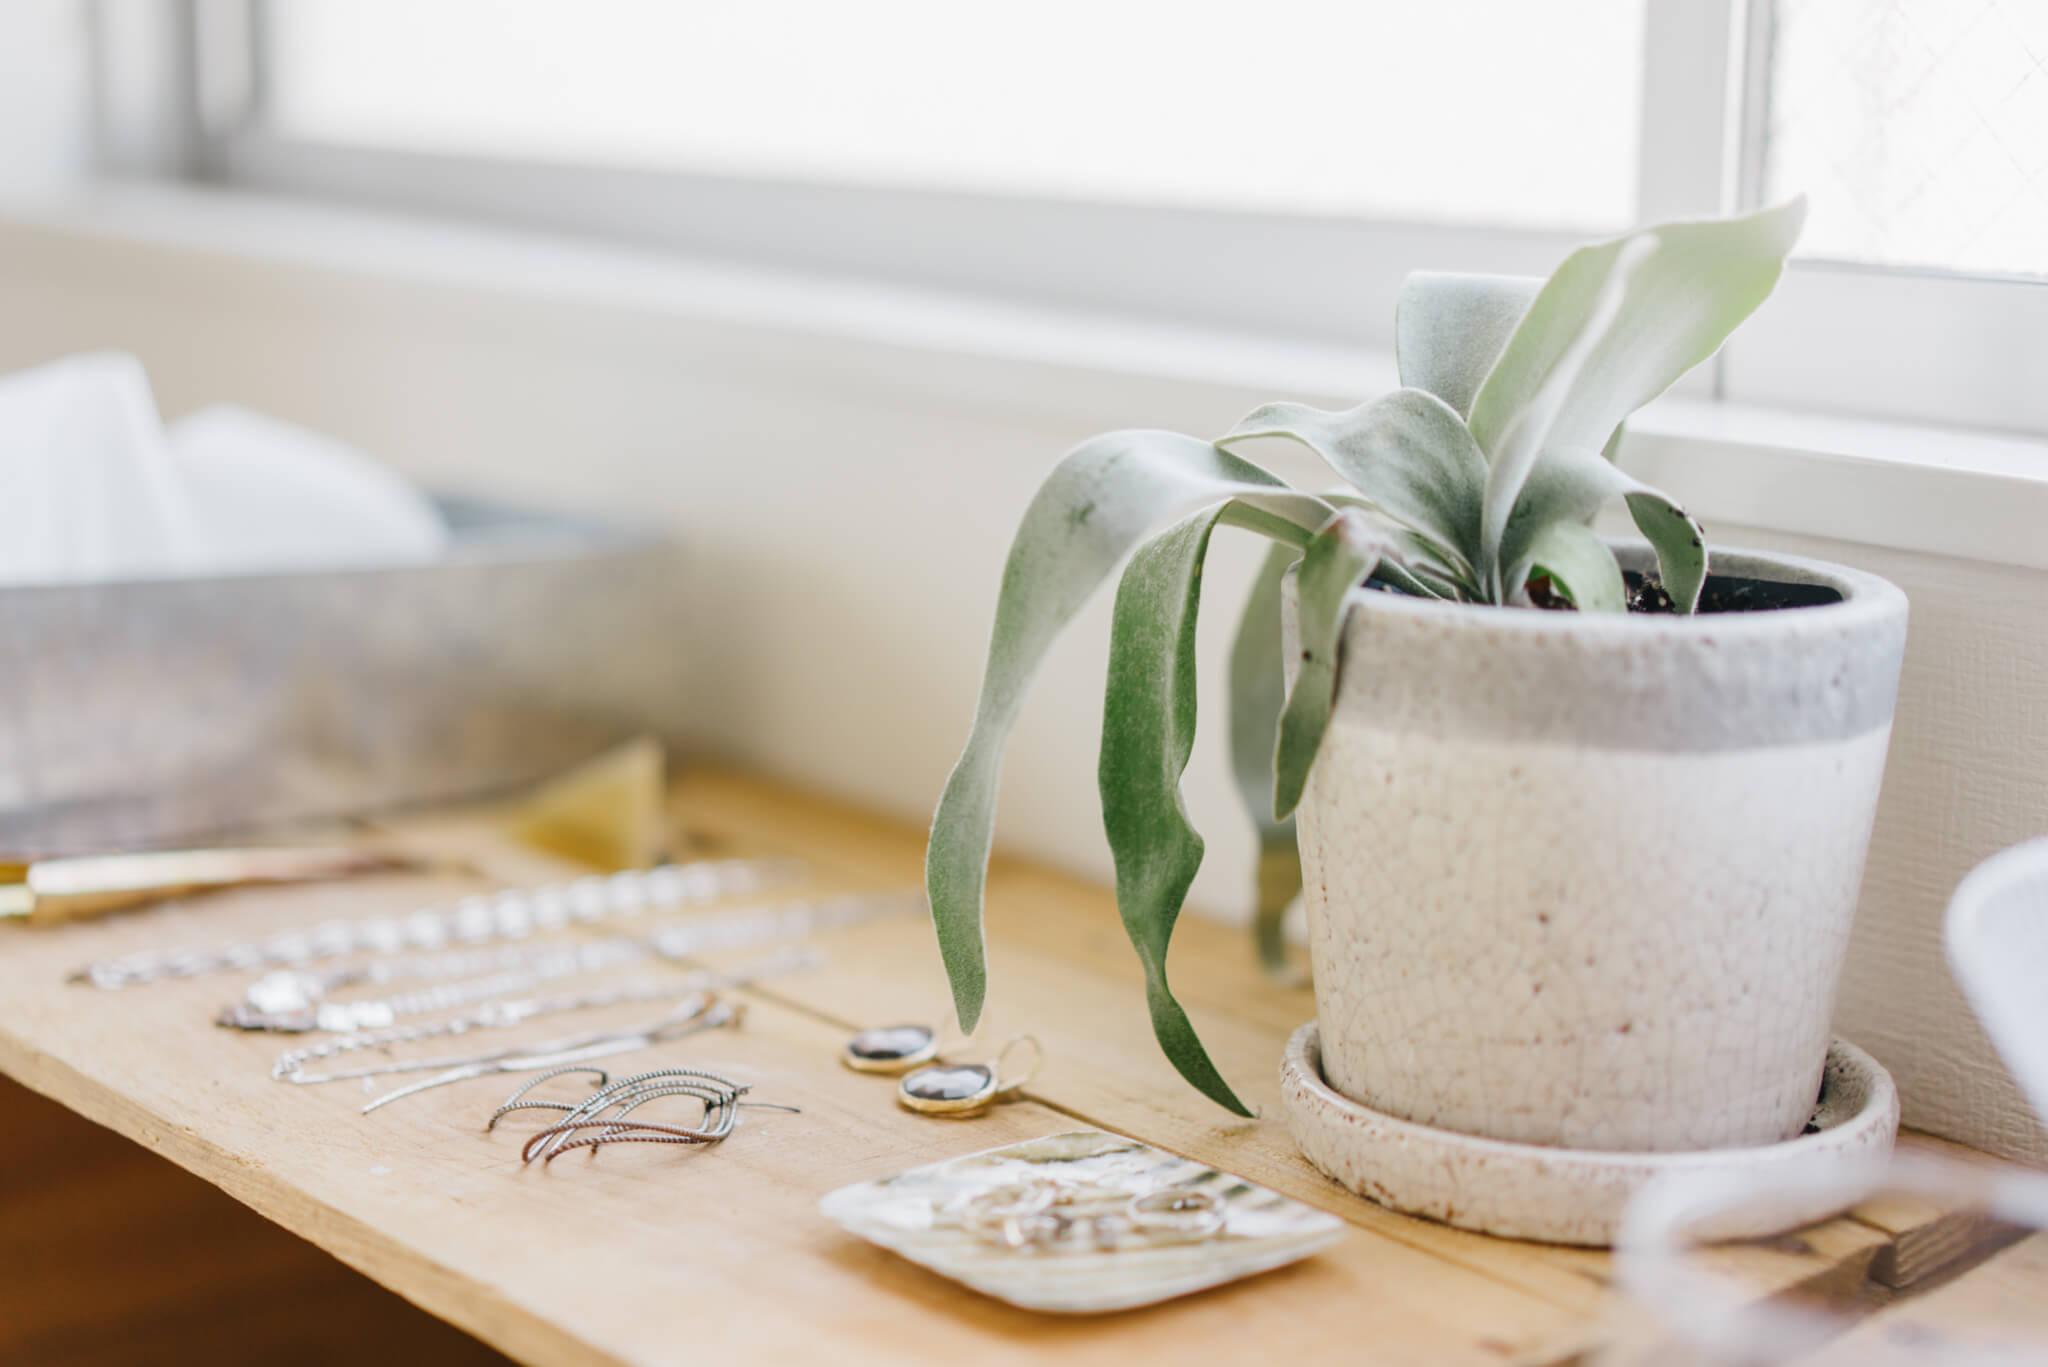 日用品の中に植物をうまく取り入れるのもポイント。雰囲気のあう陶器の鉢に植え替えています。